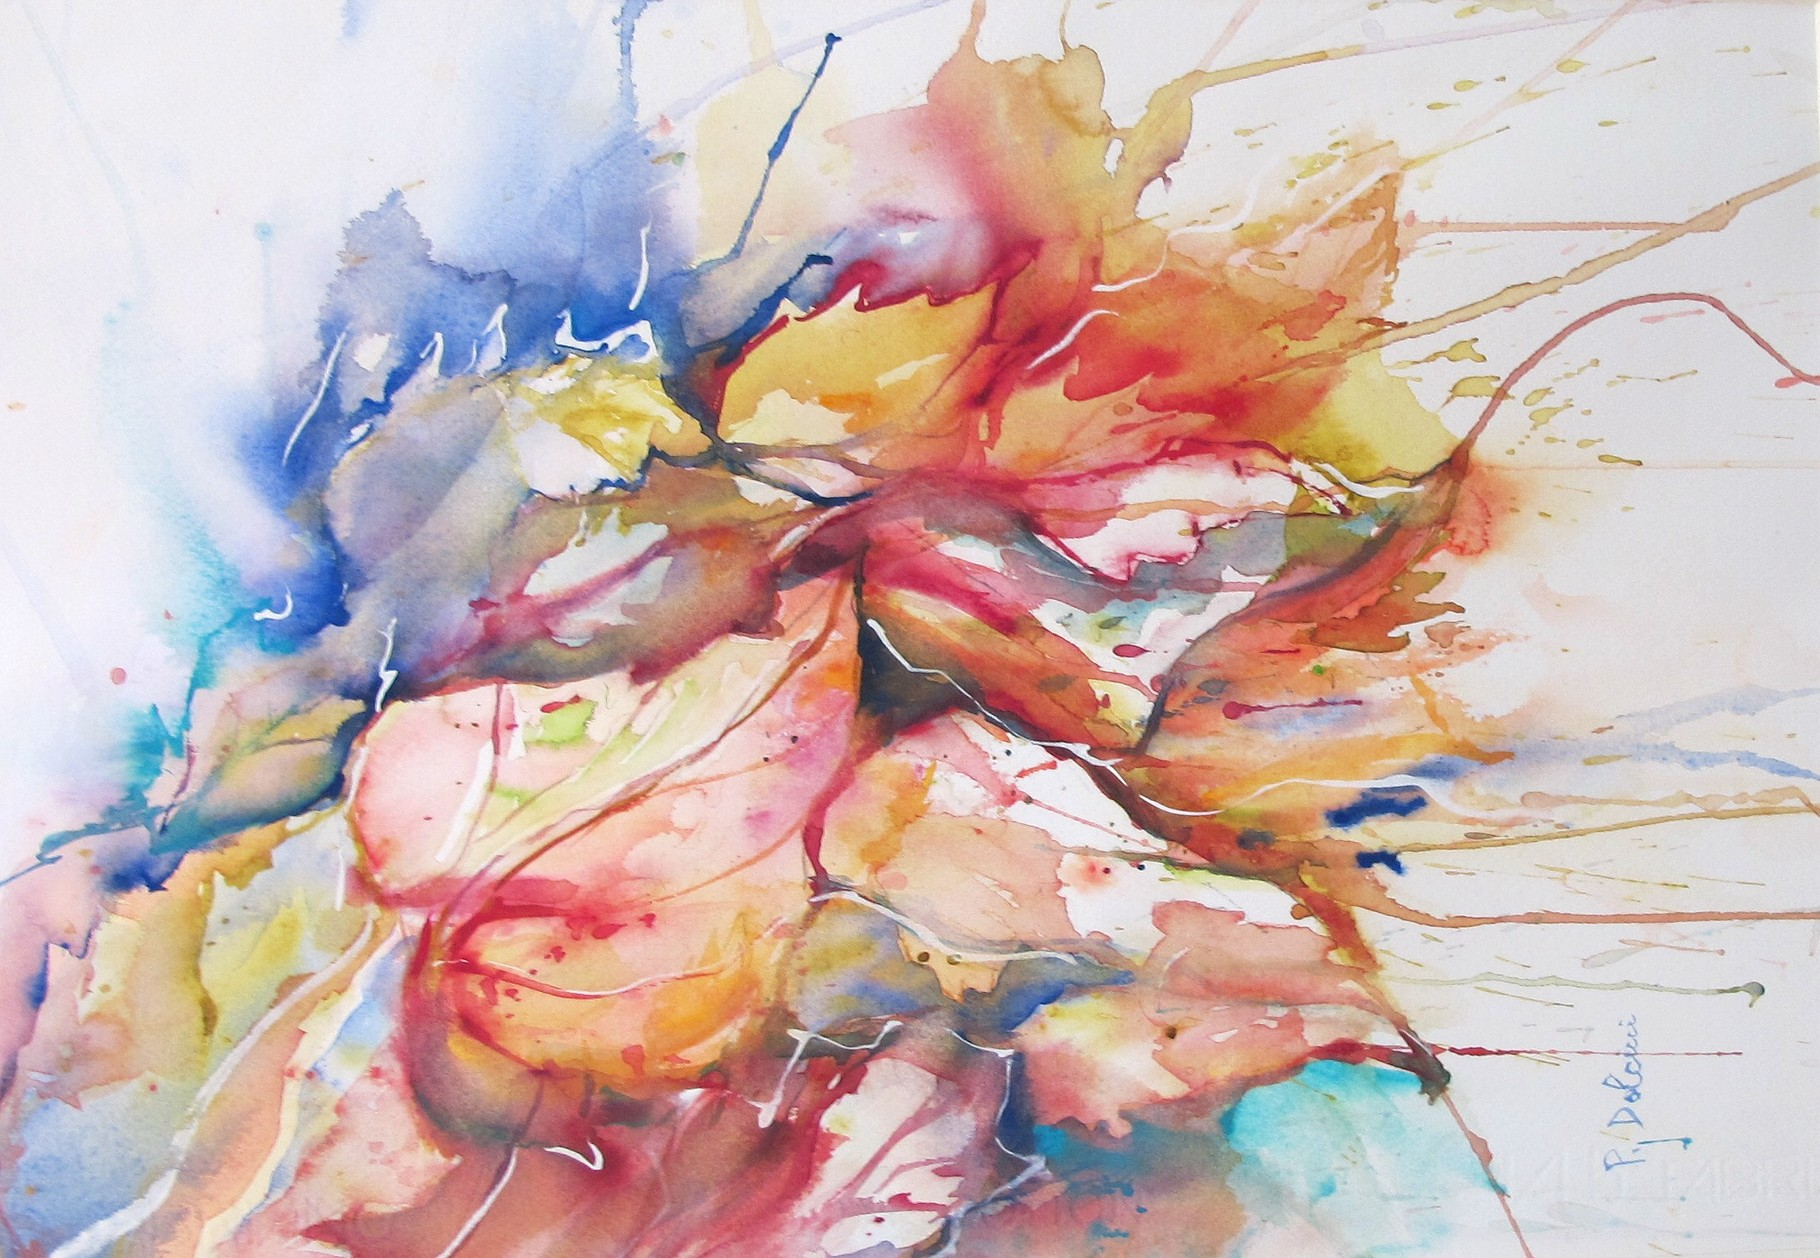 Foglie - acquerello di Patrizia Dolcini